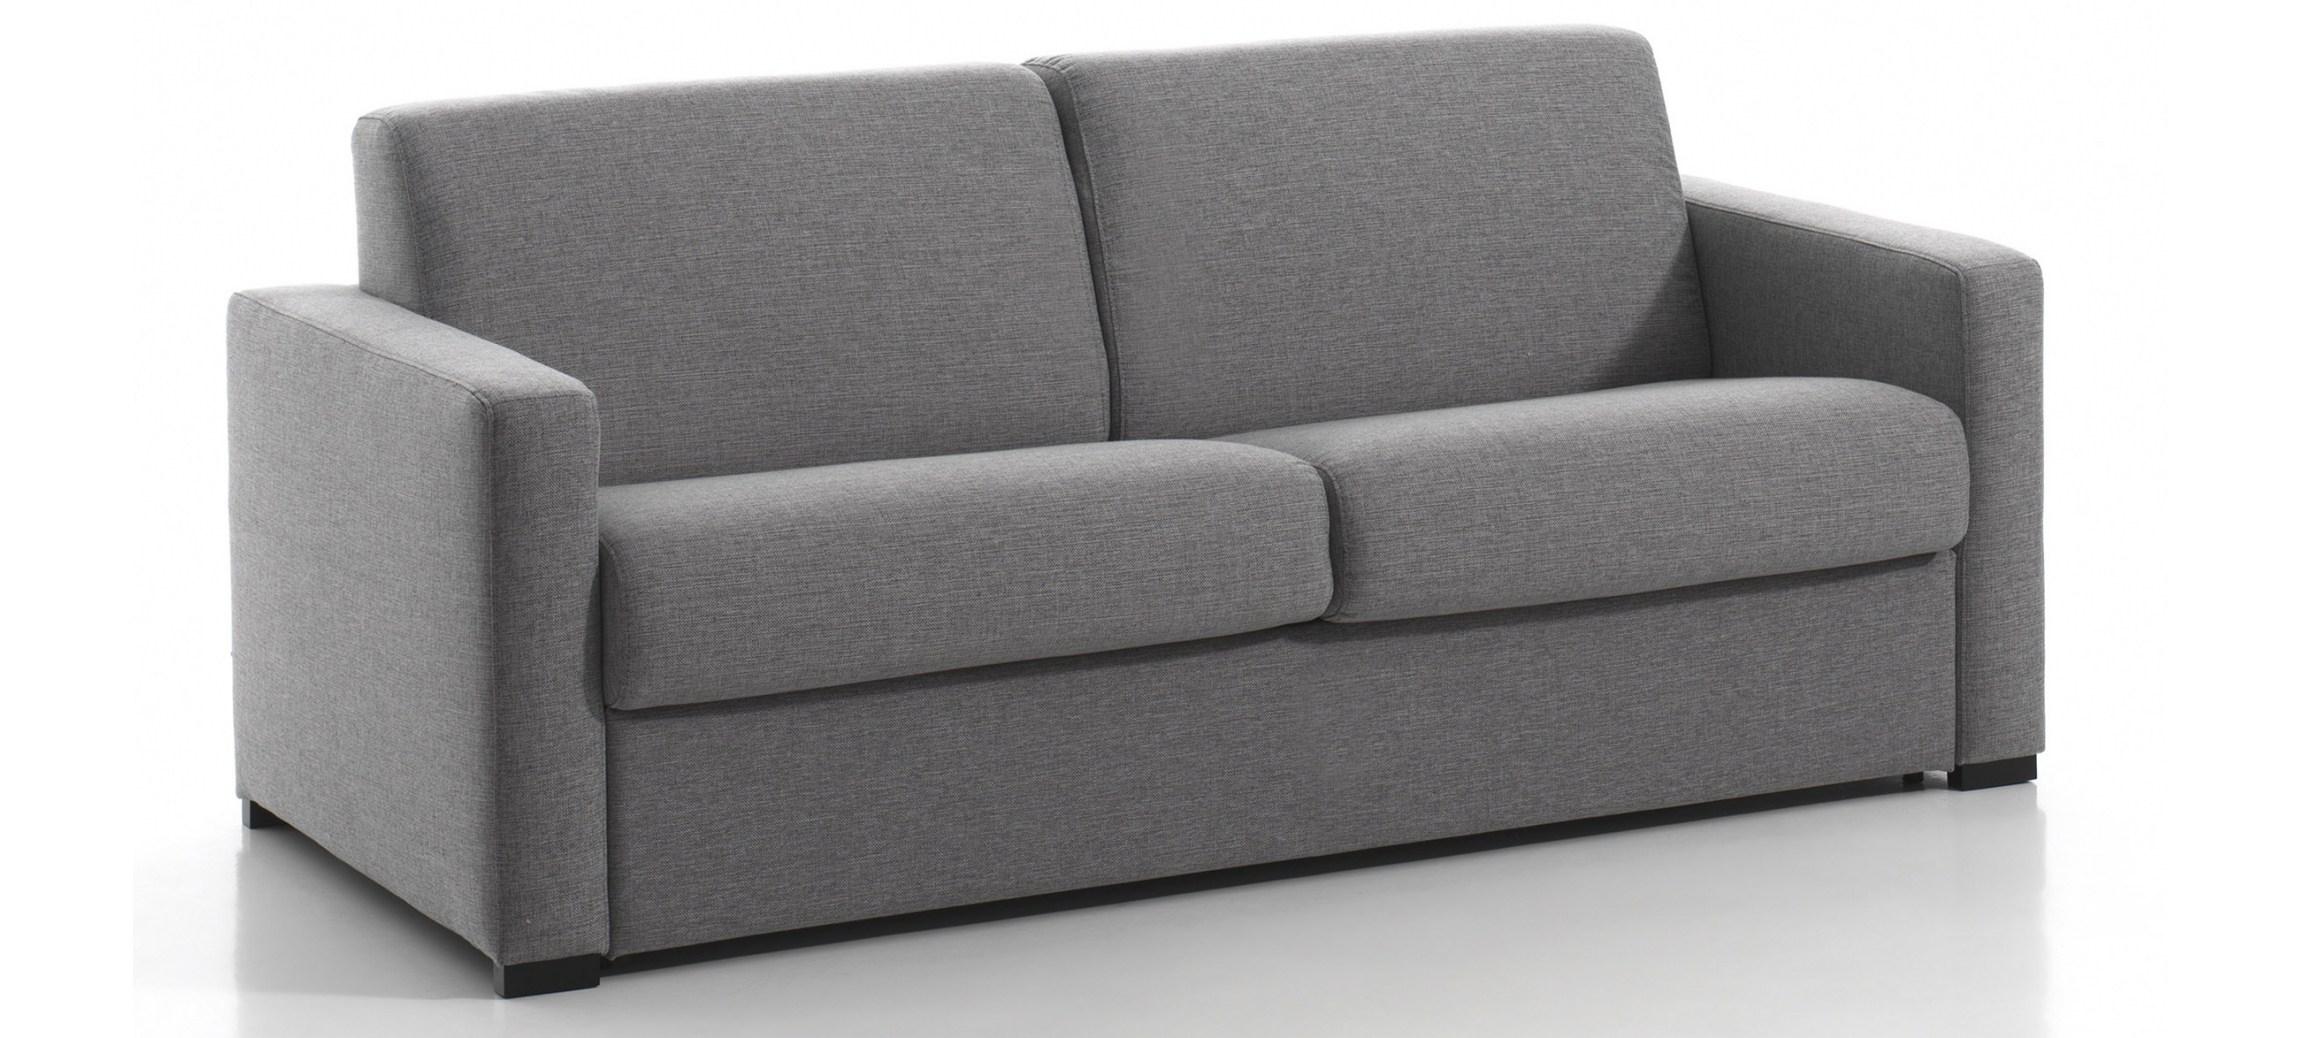 Canape lit confortable pas cher